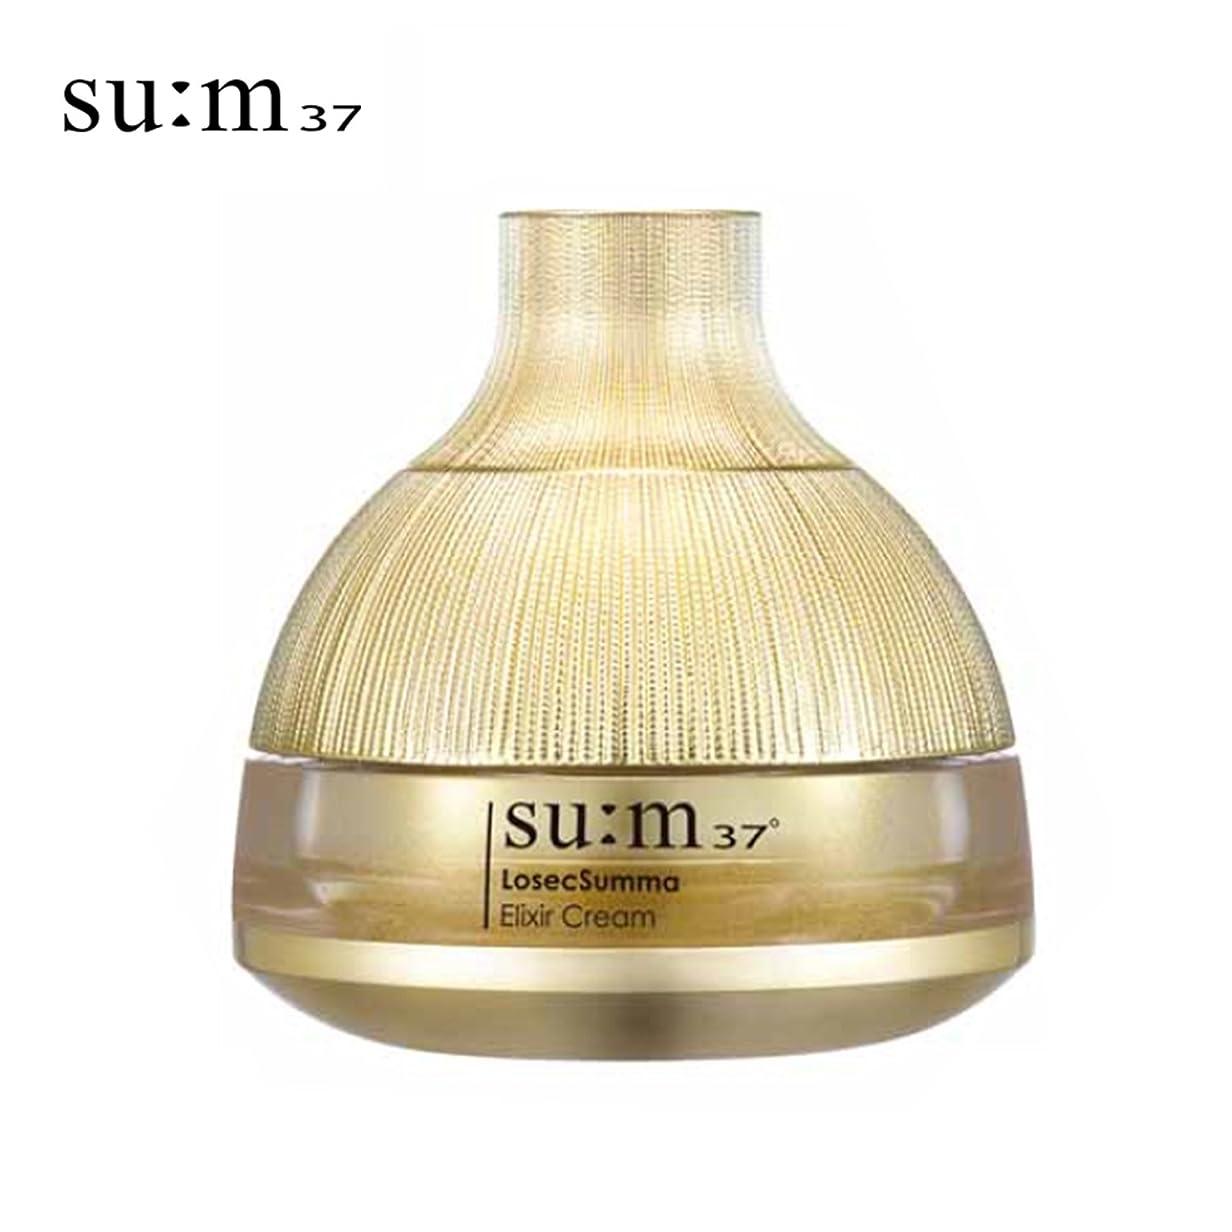 列挙するぶら下がるしゃがむ[su:m37/スム37°]Sum37 LOSEC SUMMA ELIXIR Cream 60ml/スム37 LOSEC SUMMA ELIXIR クリーム 60ml + [Sample Gift](海外直送品)